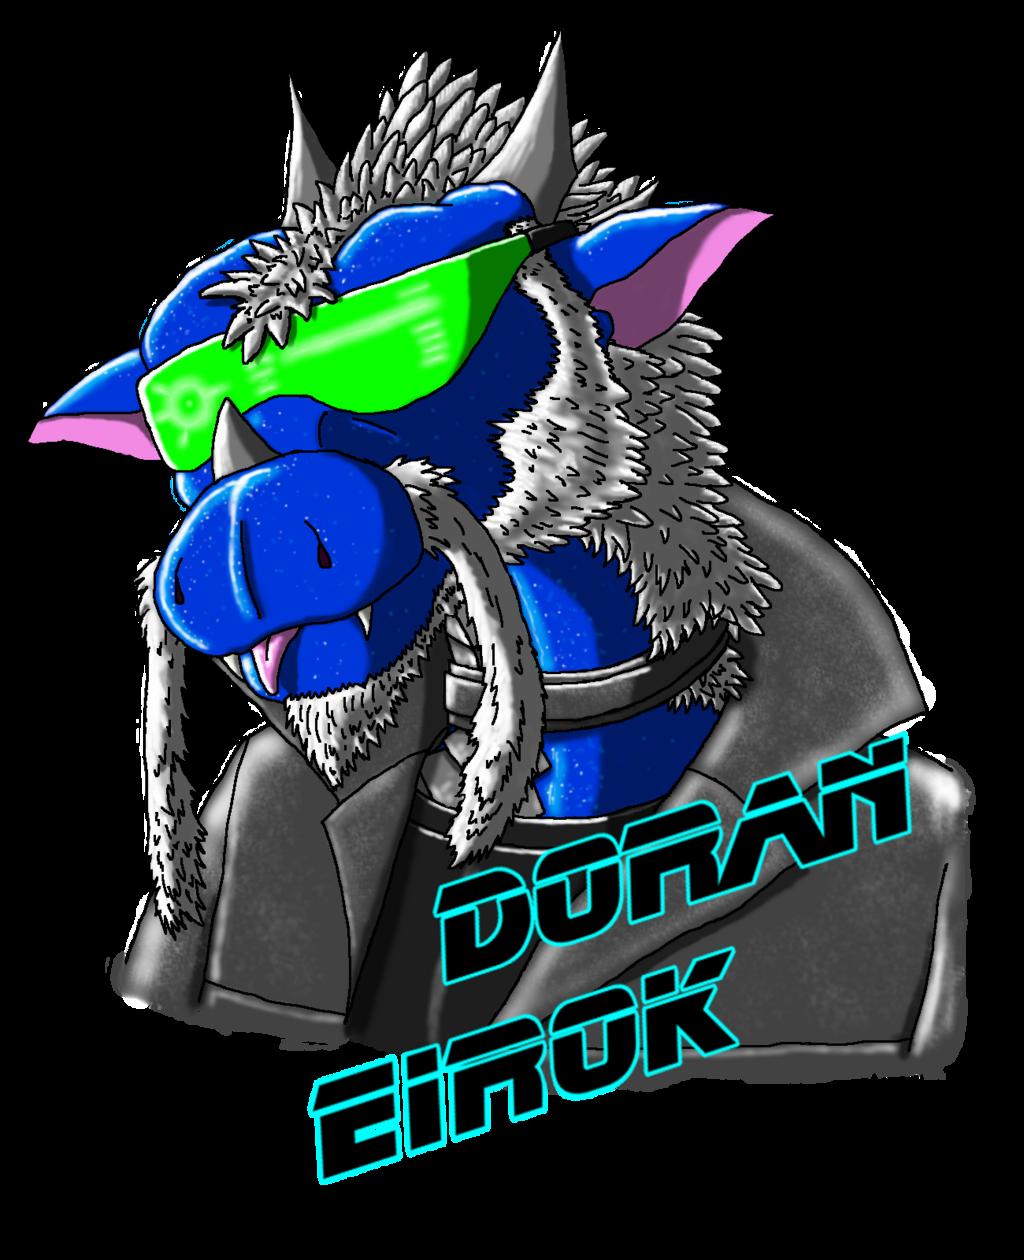 Cyberpunk Dorey Headshot